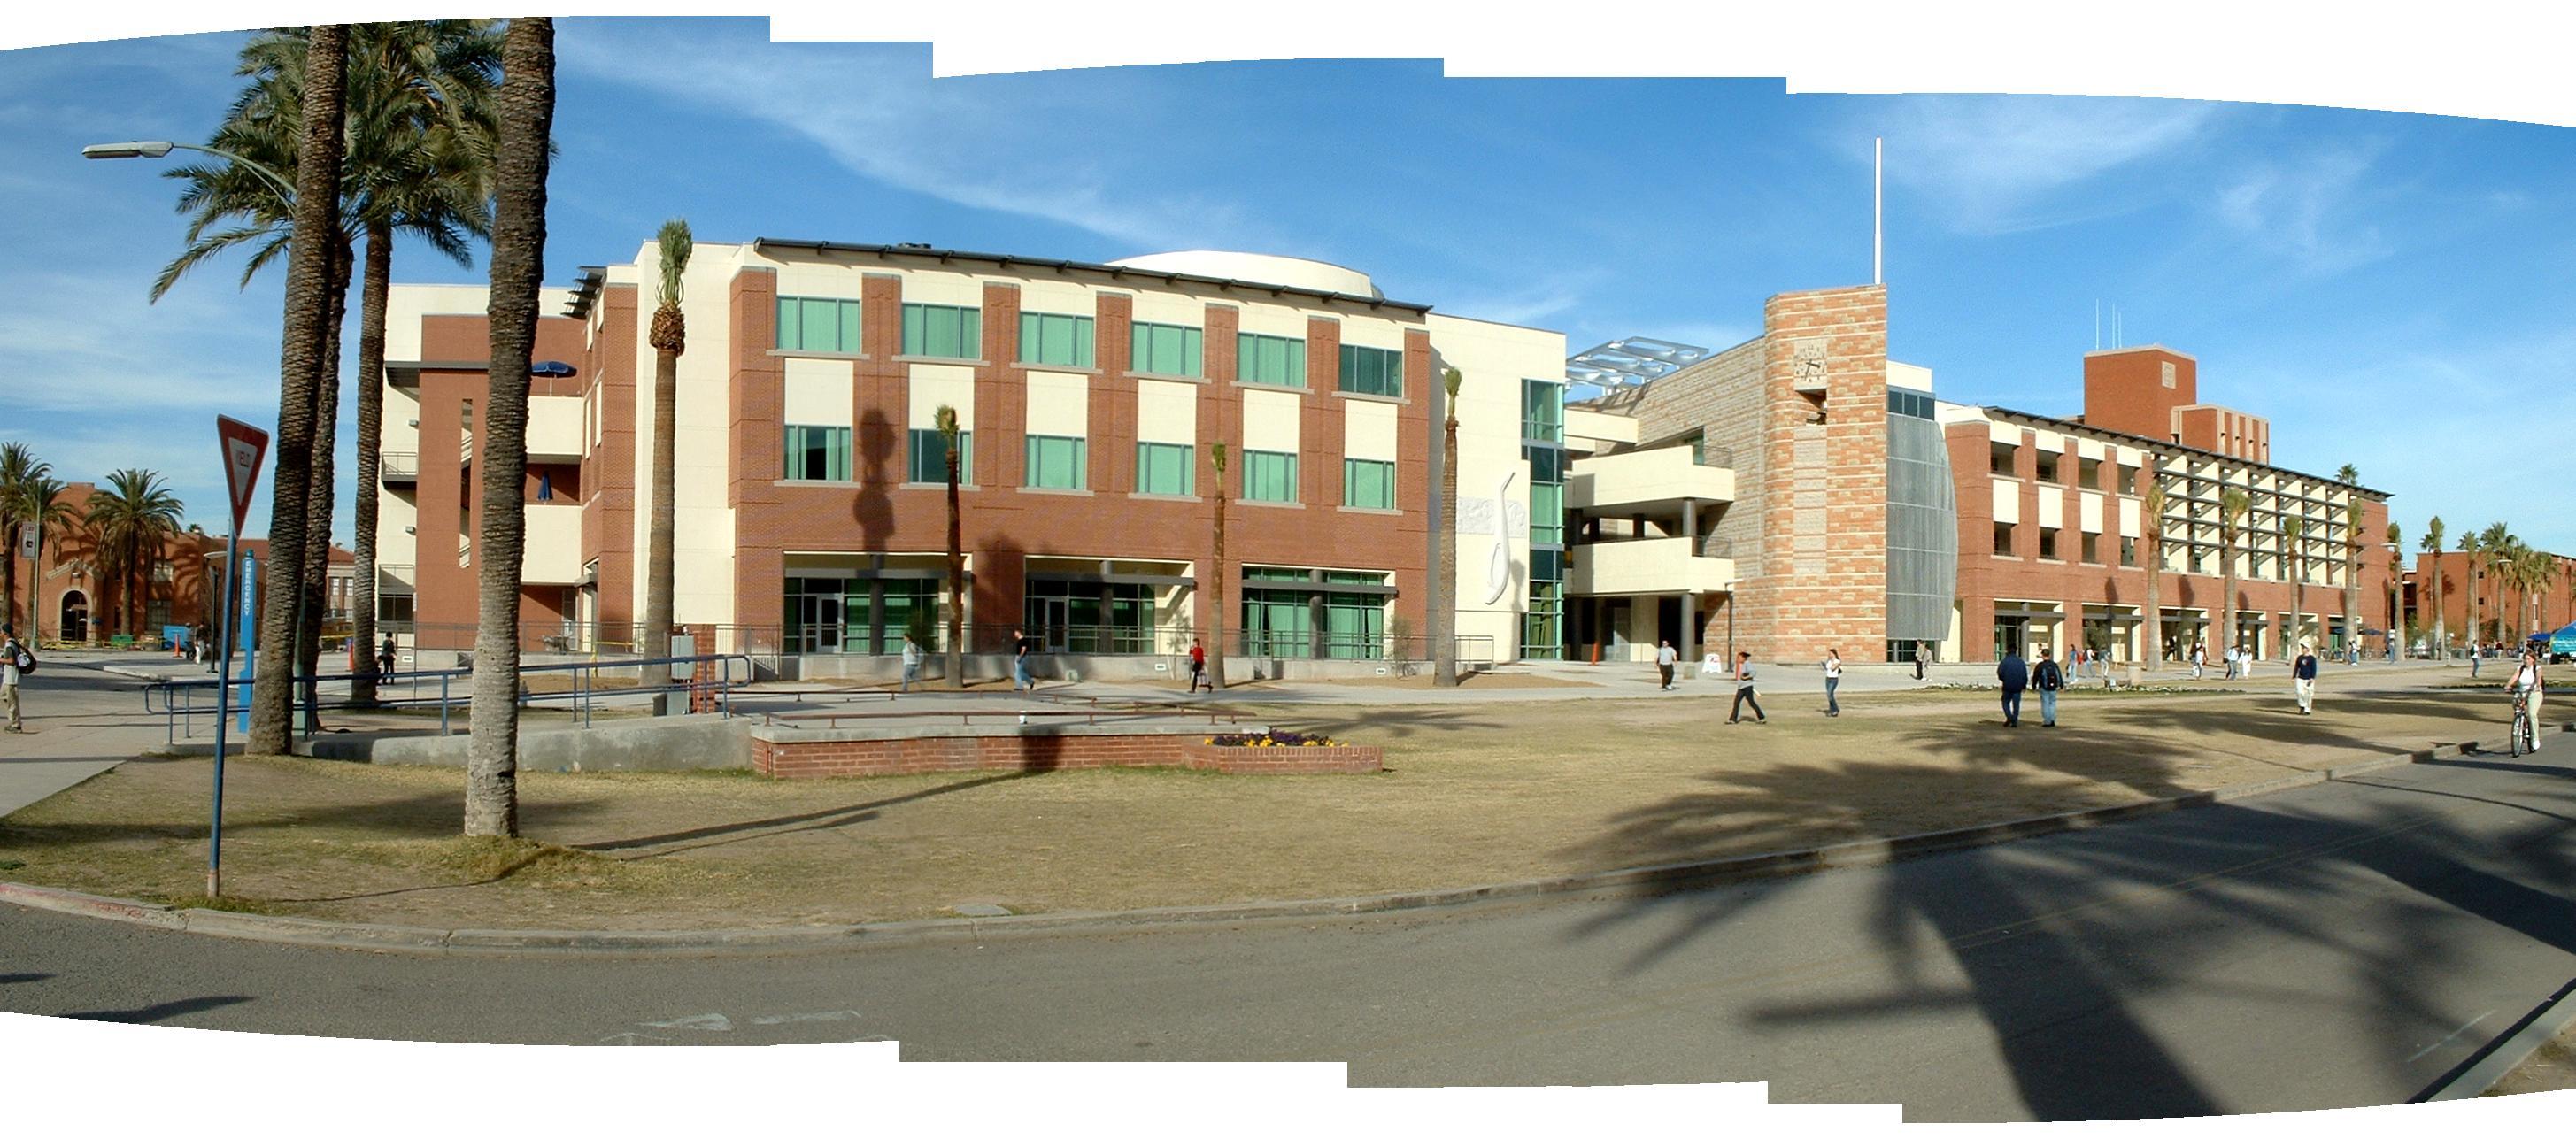 University of Arizona Student Union Building Tucson, AZ